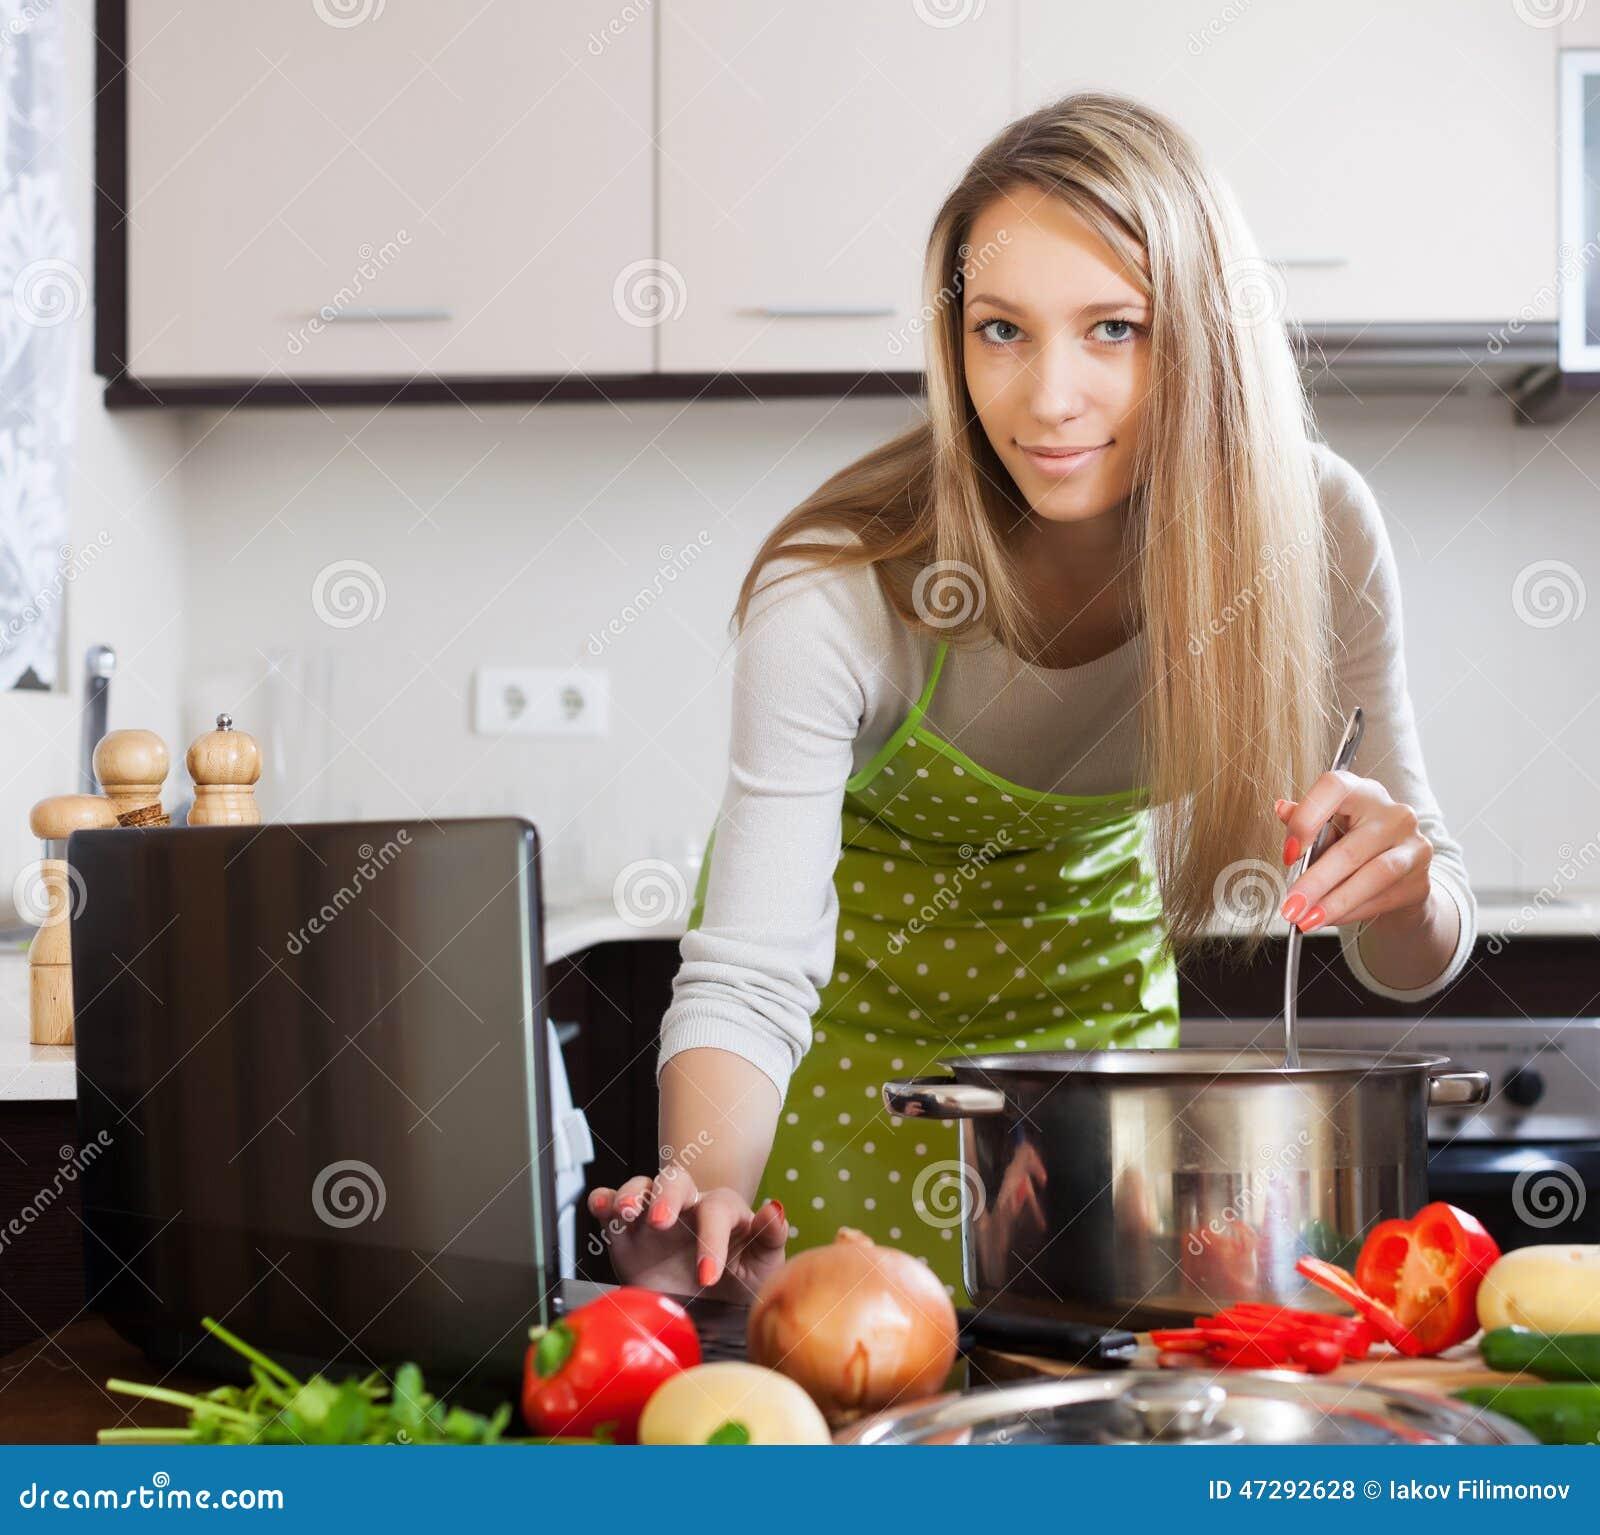 Soup Kitchen Business Plan